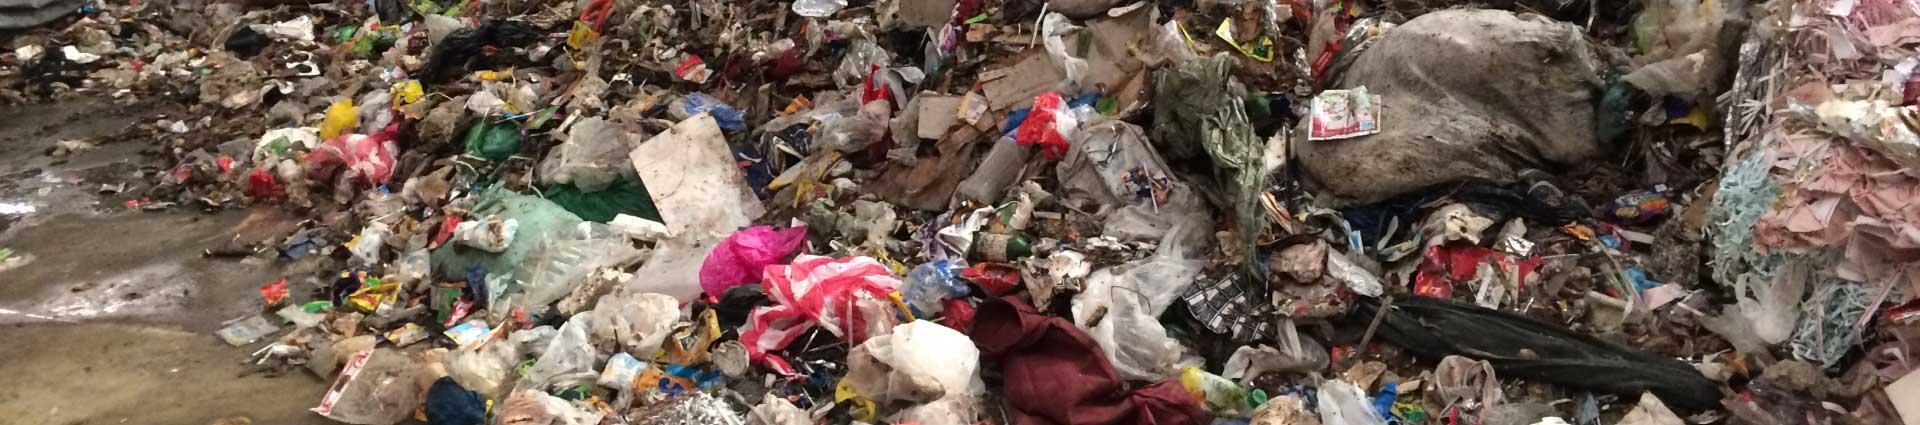 Ersatzbrennstoffe und Sekundärbrennstoffe - Energiegewinnung aus Abfall